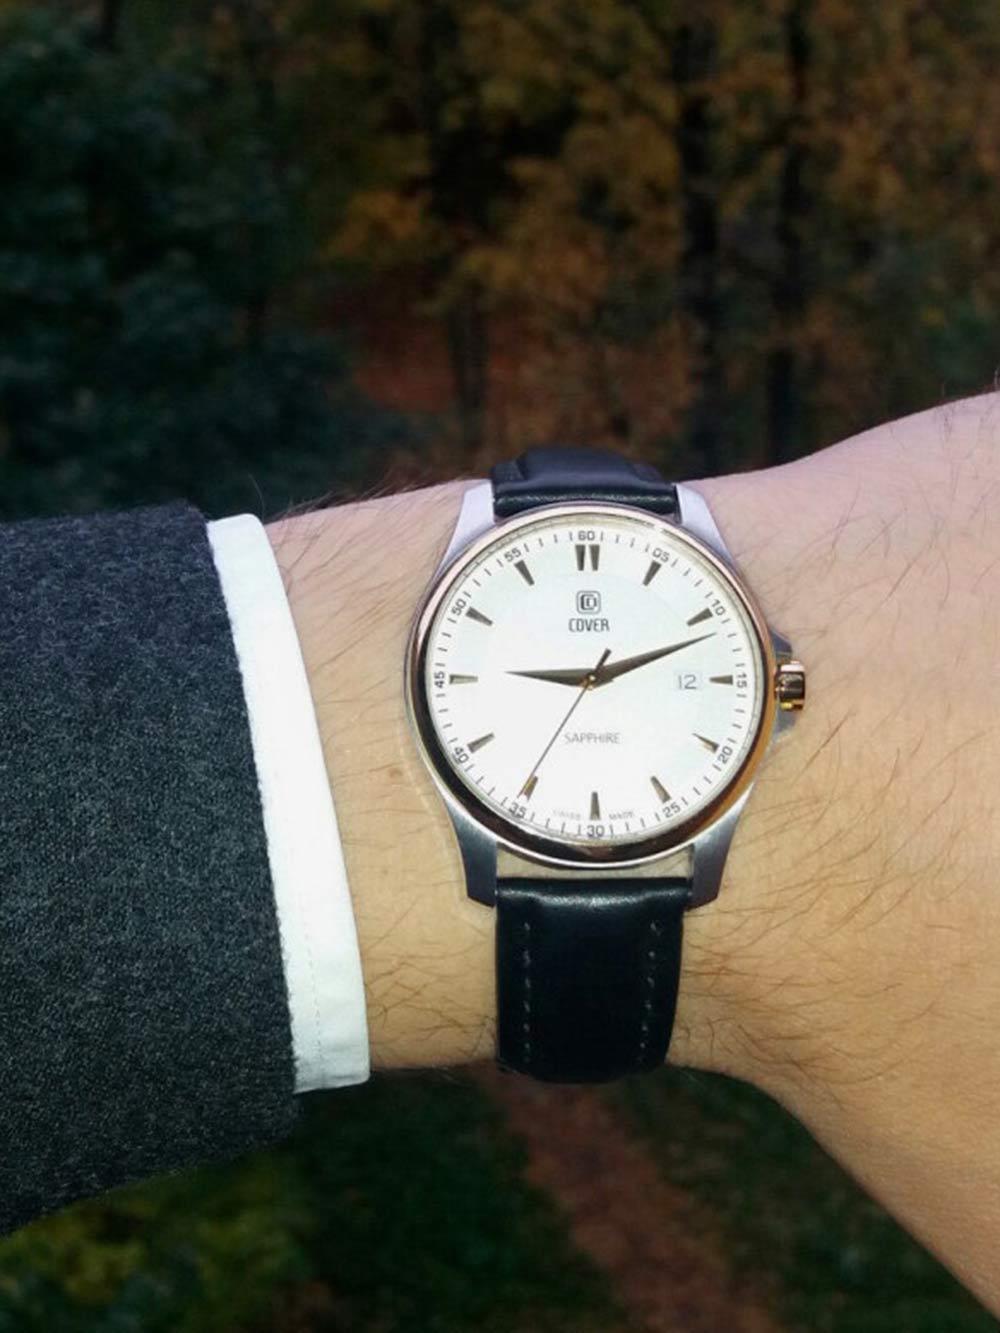 Эти часы мне подарили на «Дару-даре». Еще мне досталась оттуда электробритва, подборка виниловых дисков и многое другое